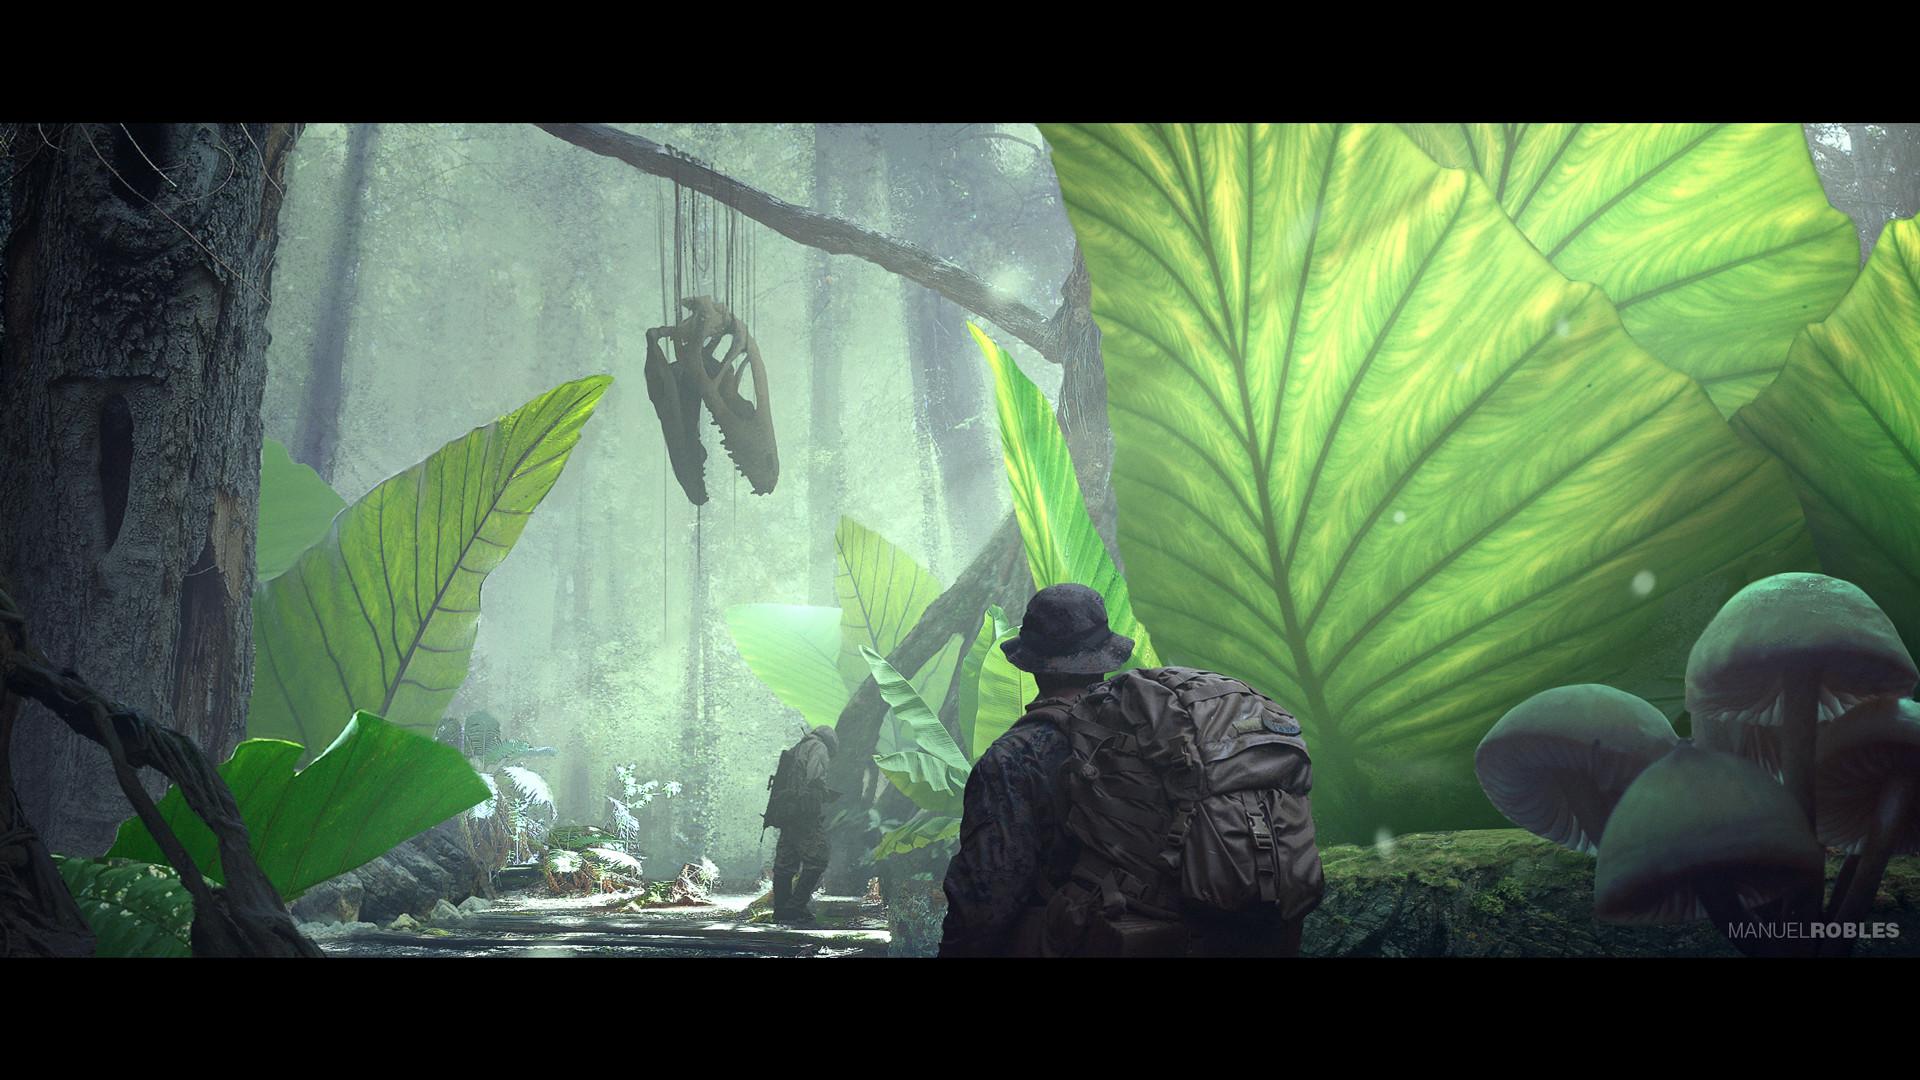 Manuel robles rainforest 02